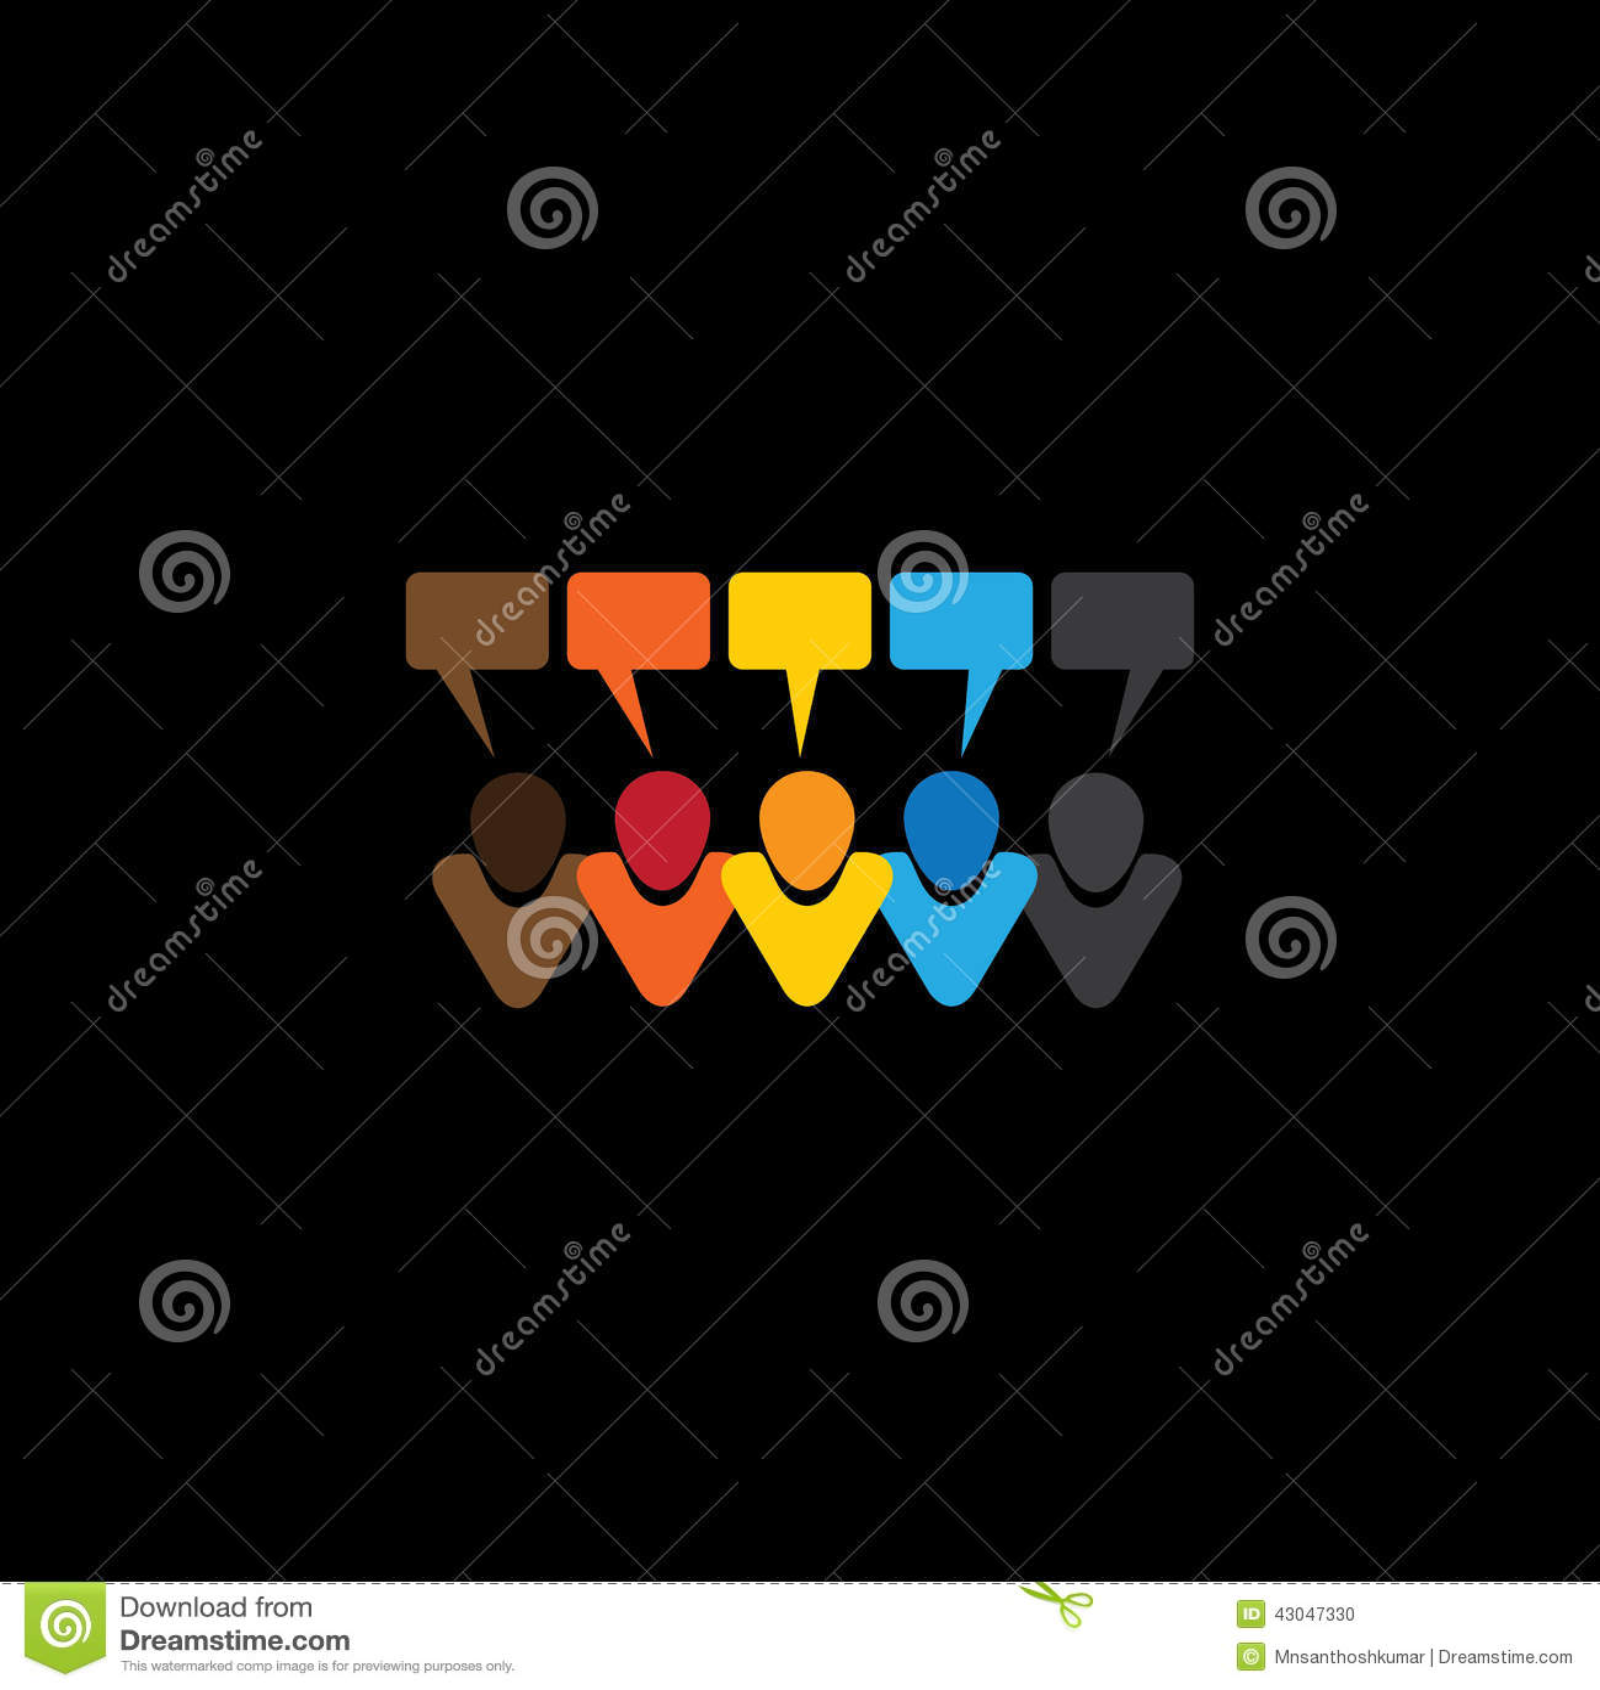 Icone di conversazione della gente o osservazioni & chiacchierate online - concetto v